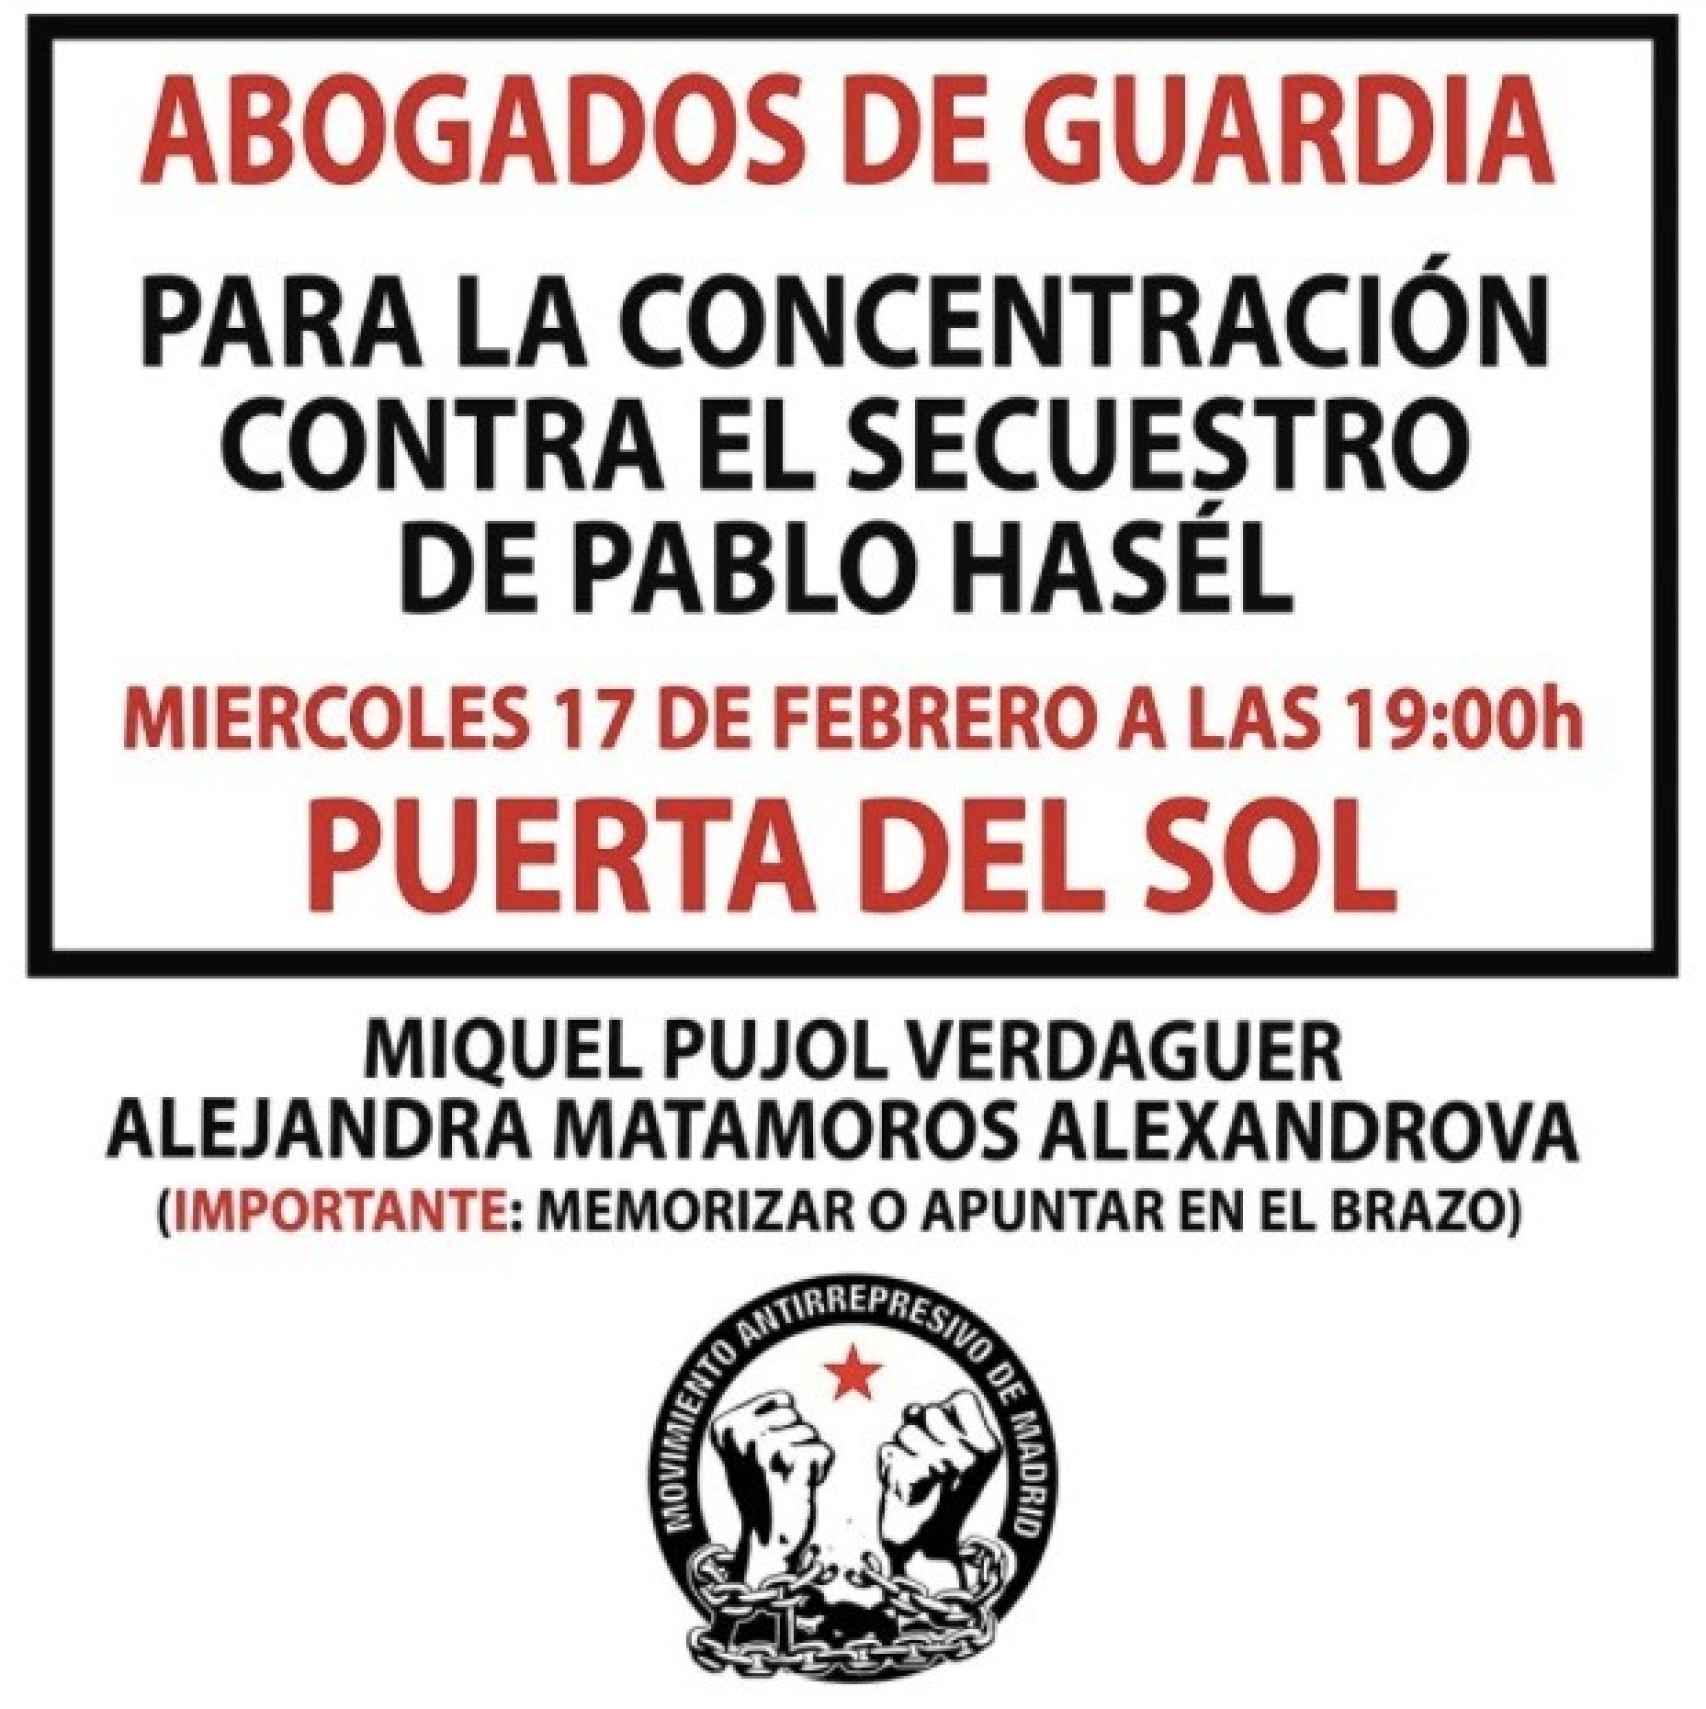 Cartel difundido por el Movimiento Antirrepresivo de Madrid en las protestas de Hasél.